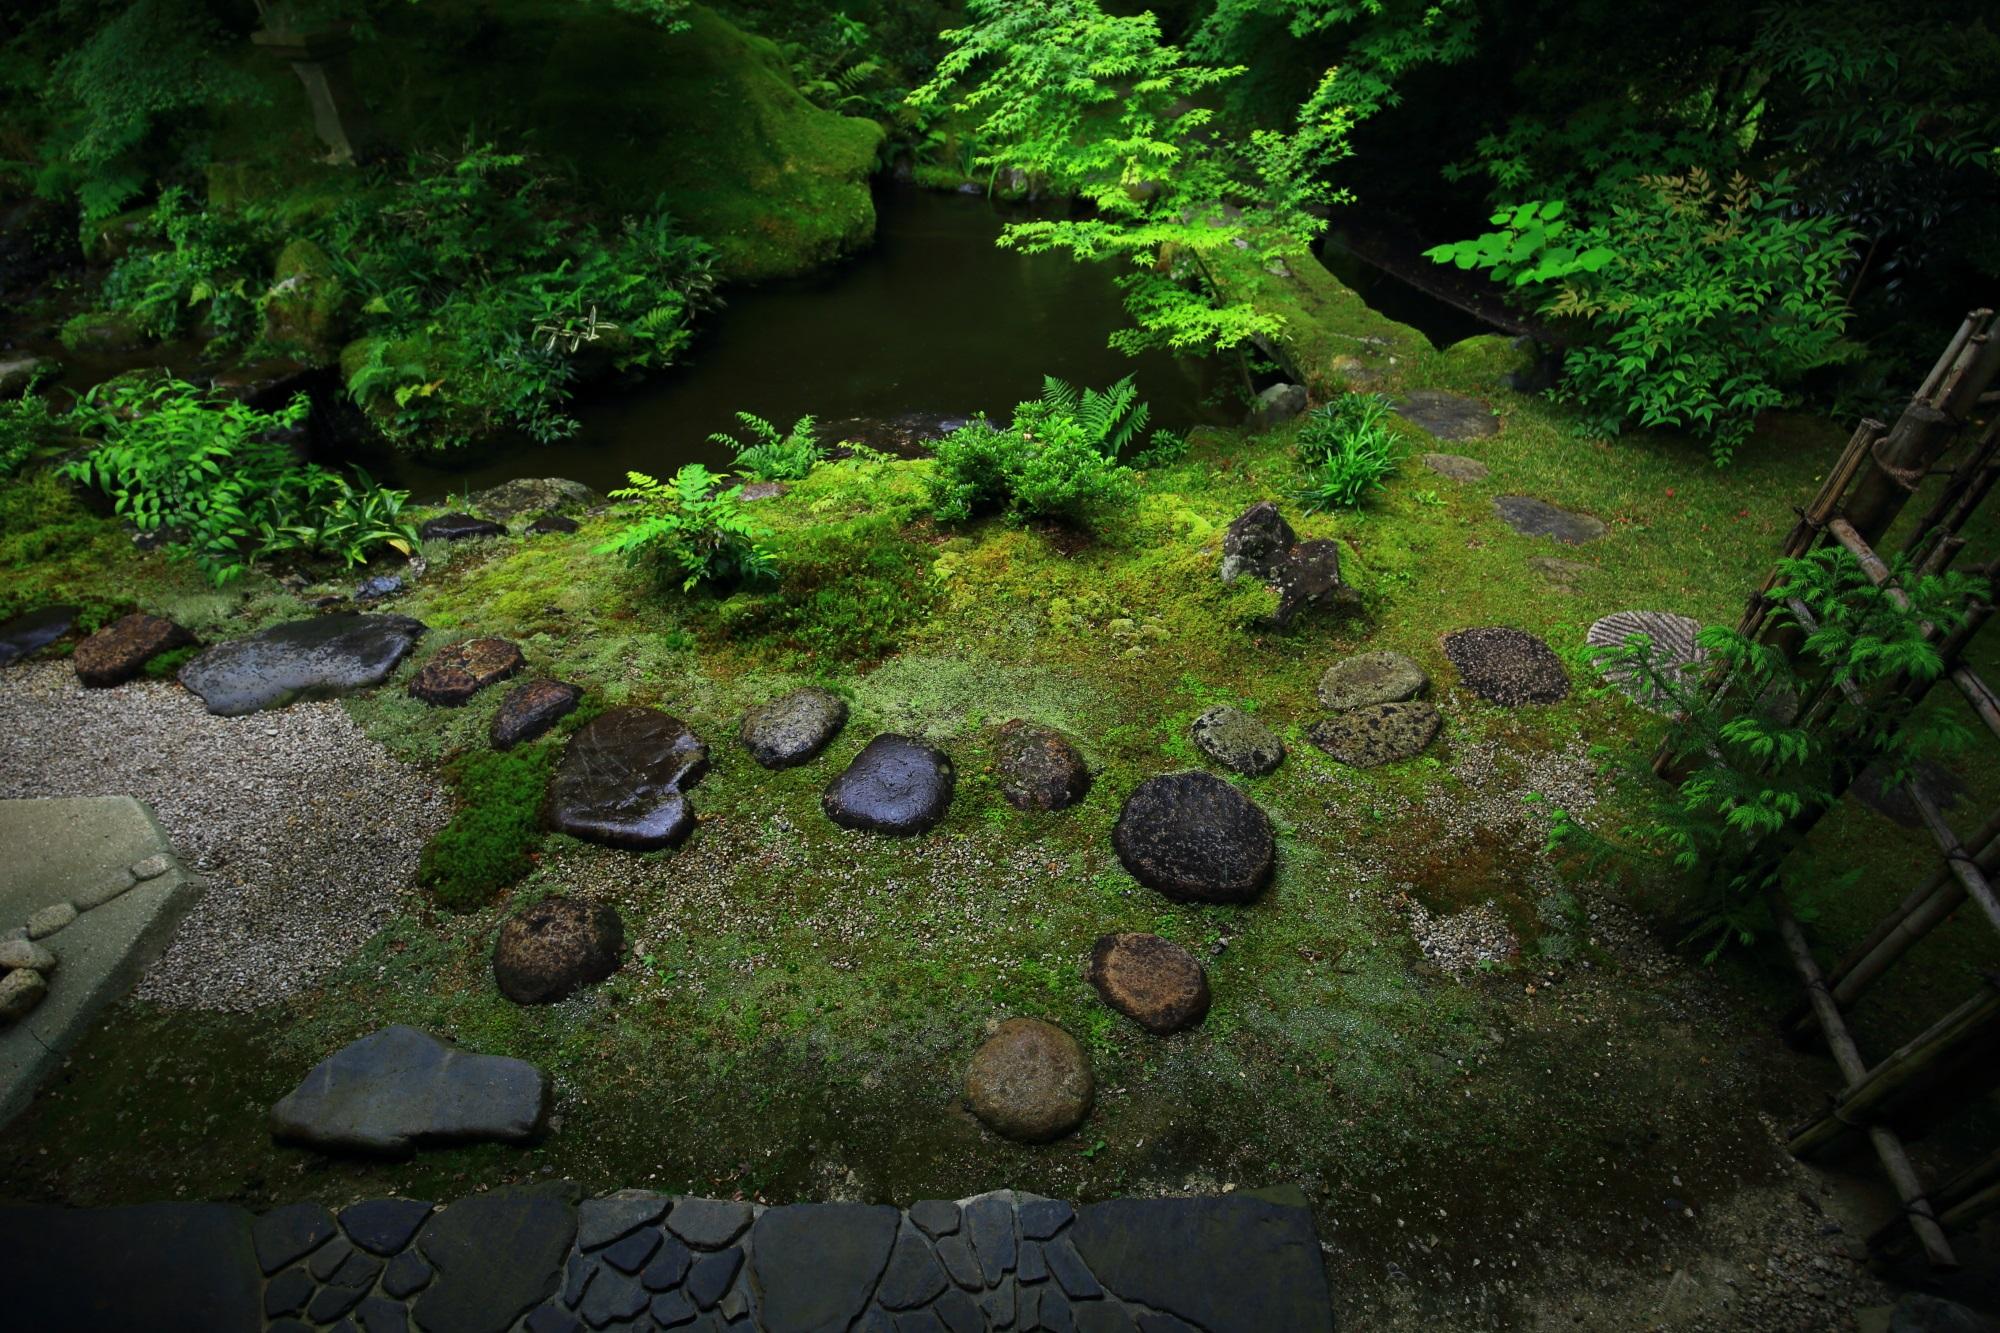 瑠璃光院の茶室前の臥龍の庭